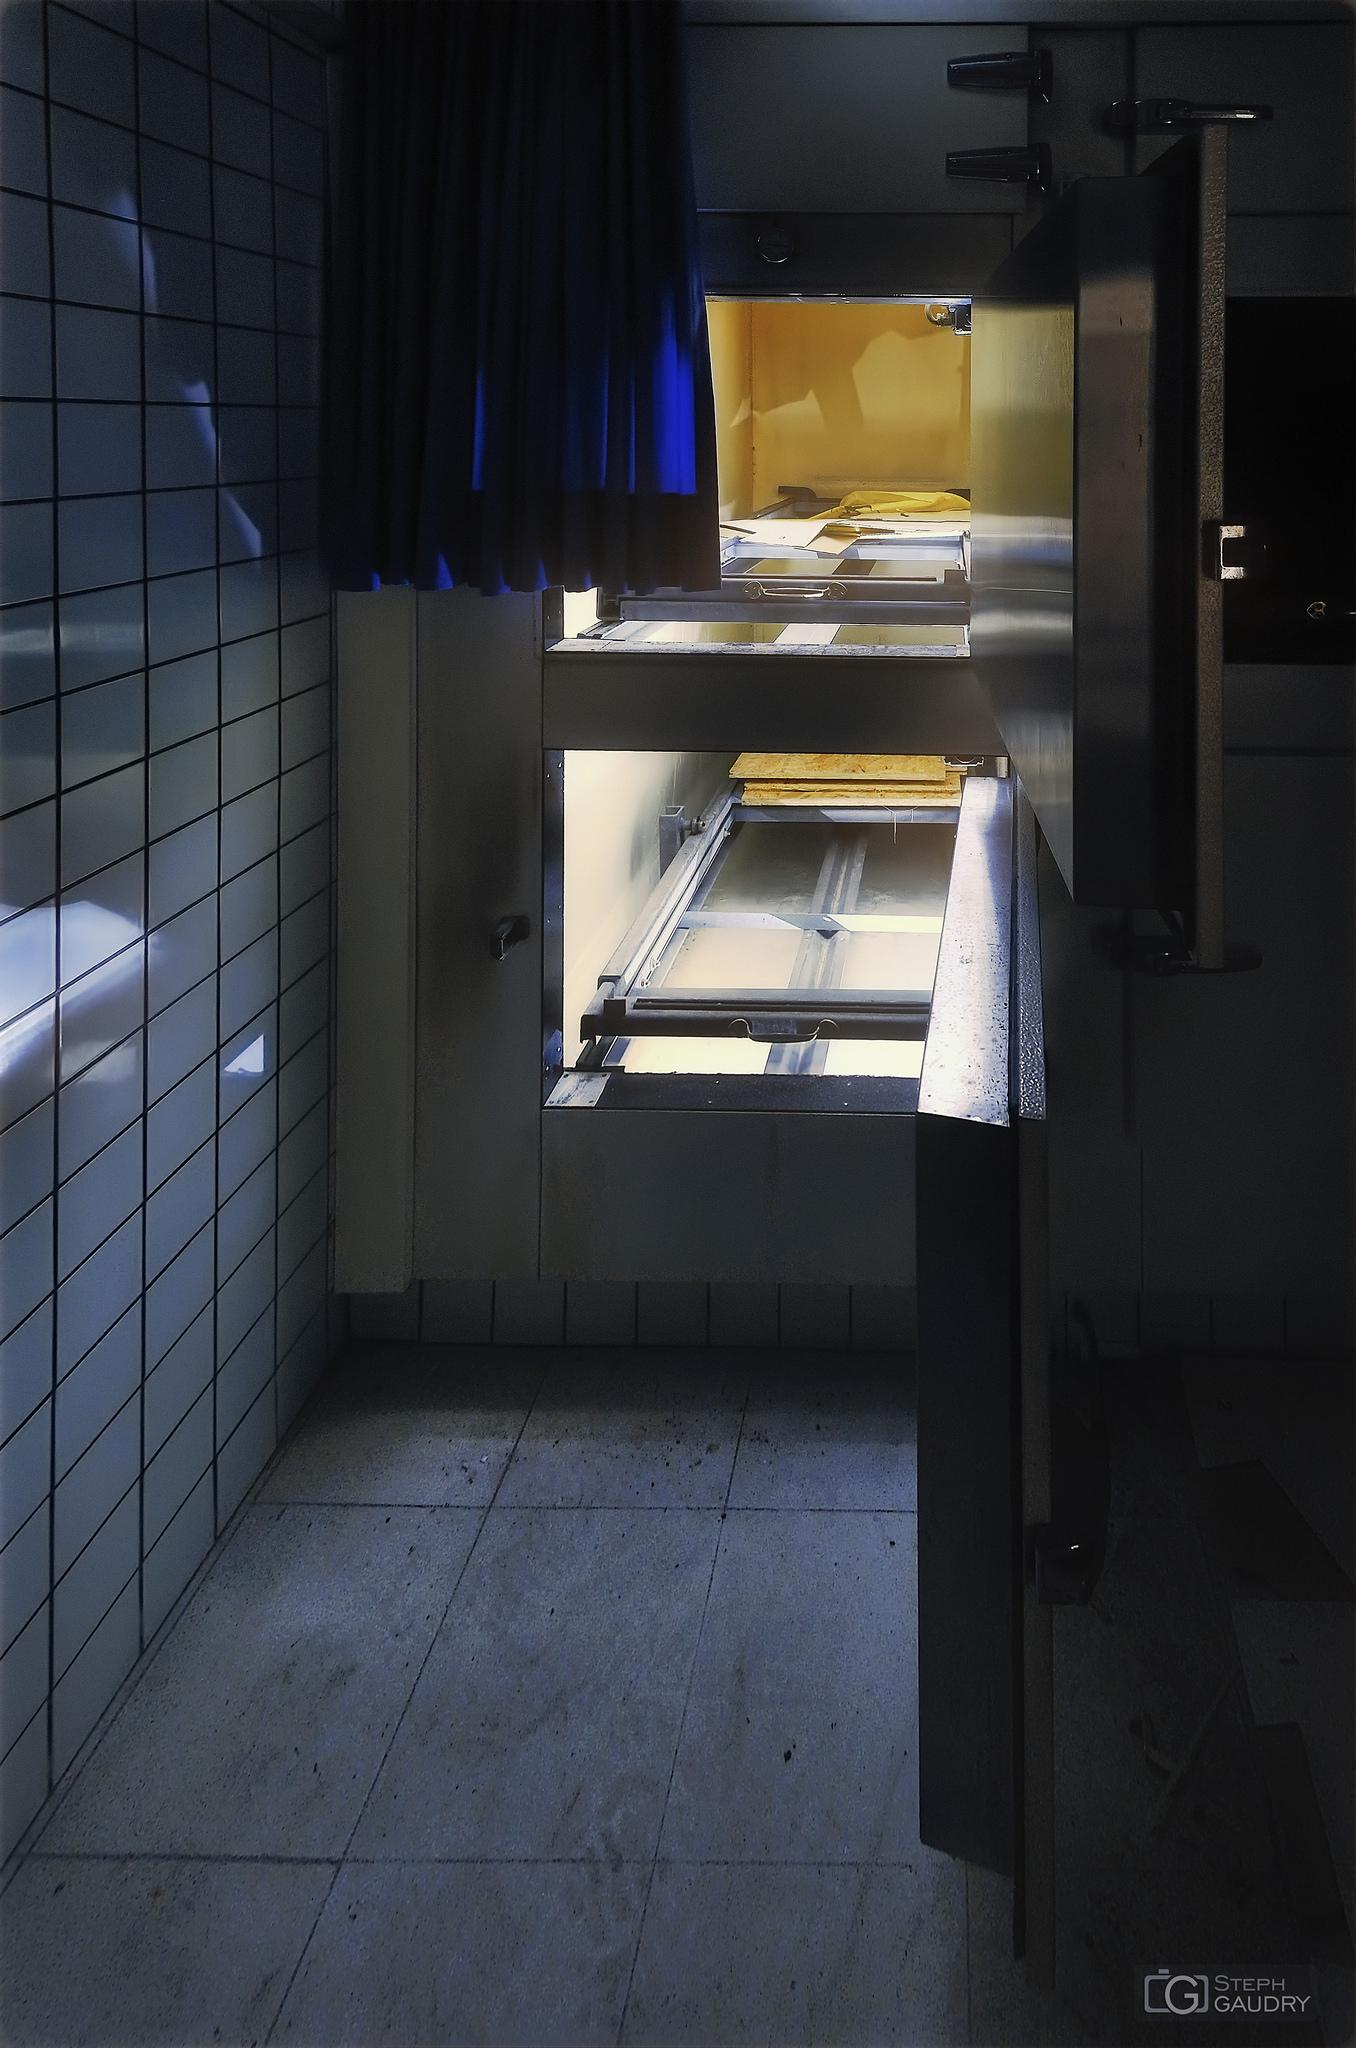 La morgue - La chambre de Nosferatu [Cliquez pour lancer le diaporama]